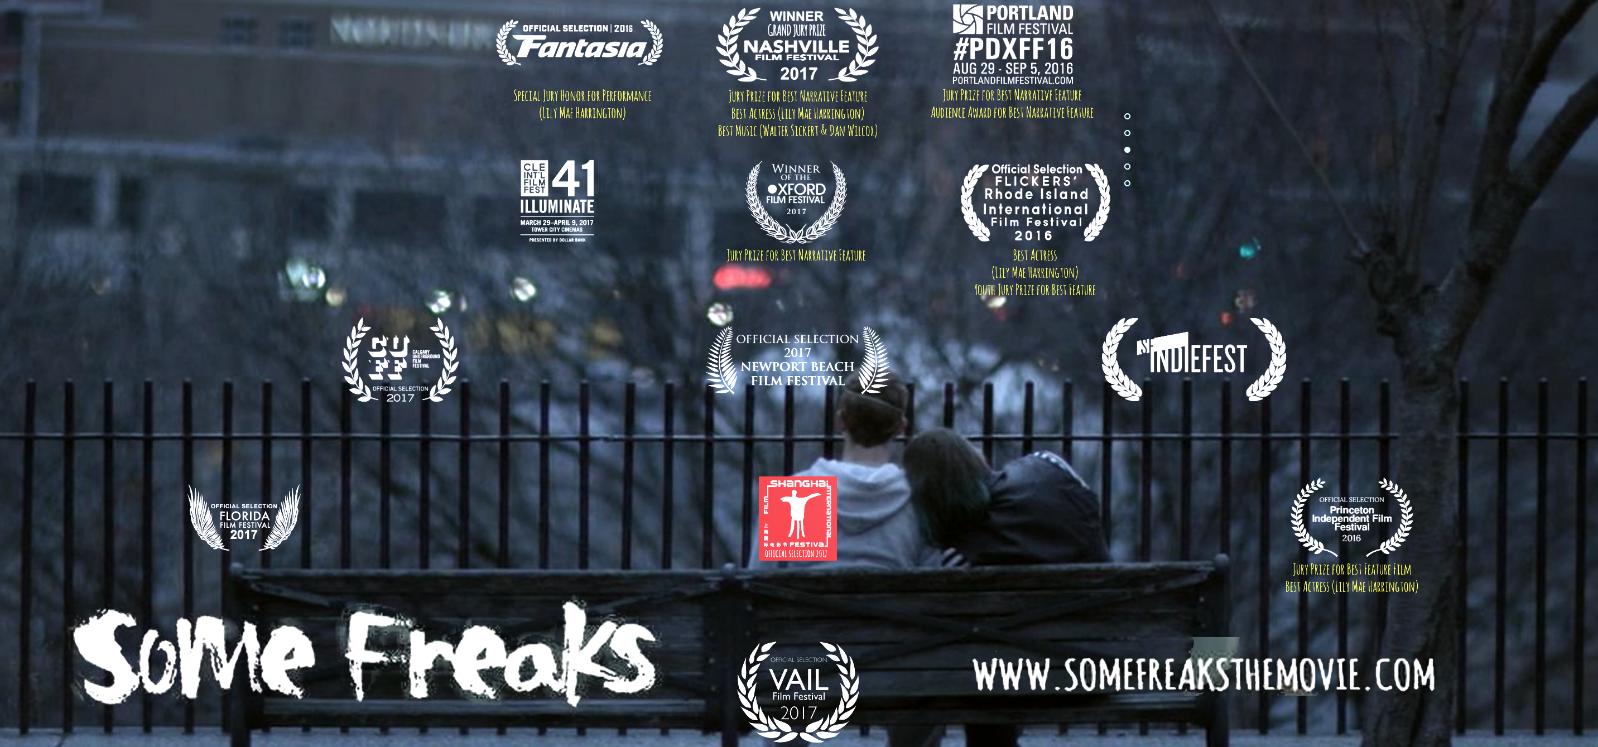 somefreaks1.png